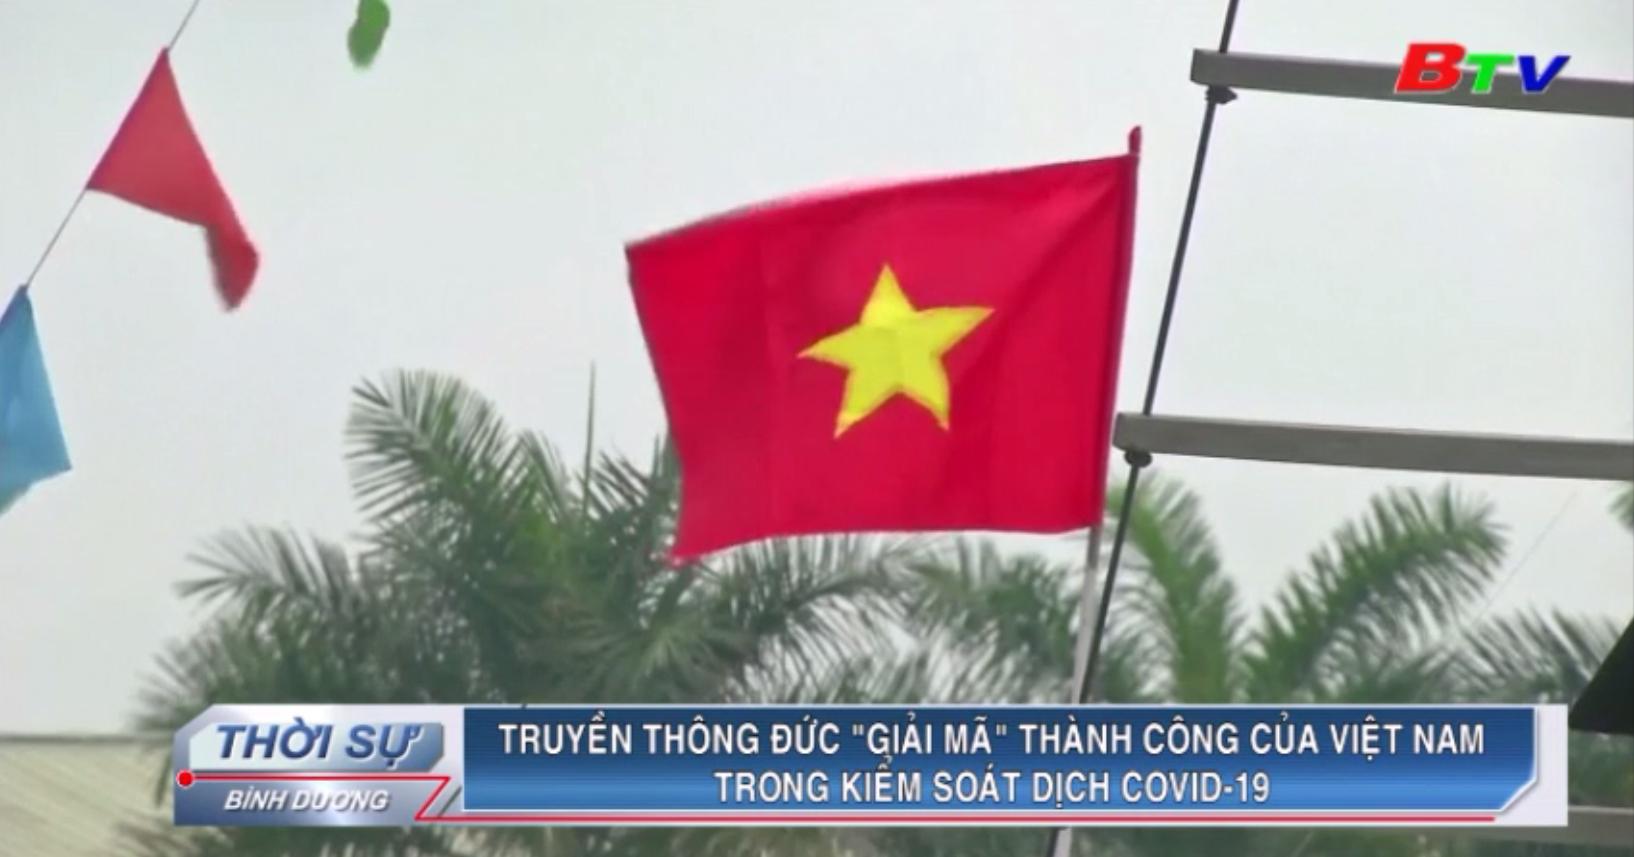 """Truyền thông Đức """"giải mã"""" thành công của Việt Nam trong kiểm soát dịch Covid-19"""